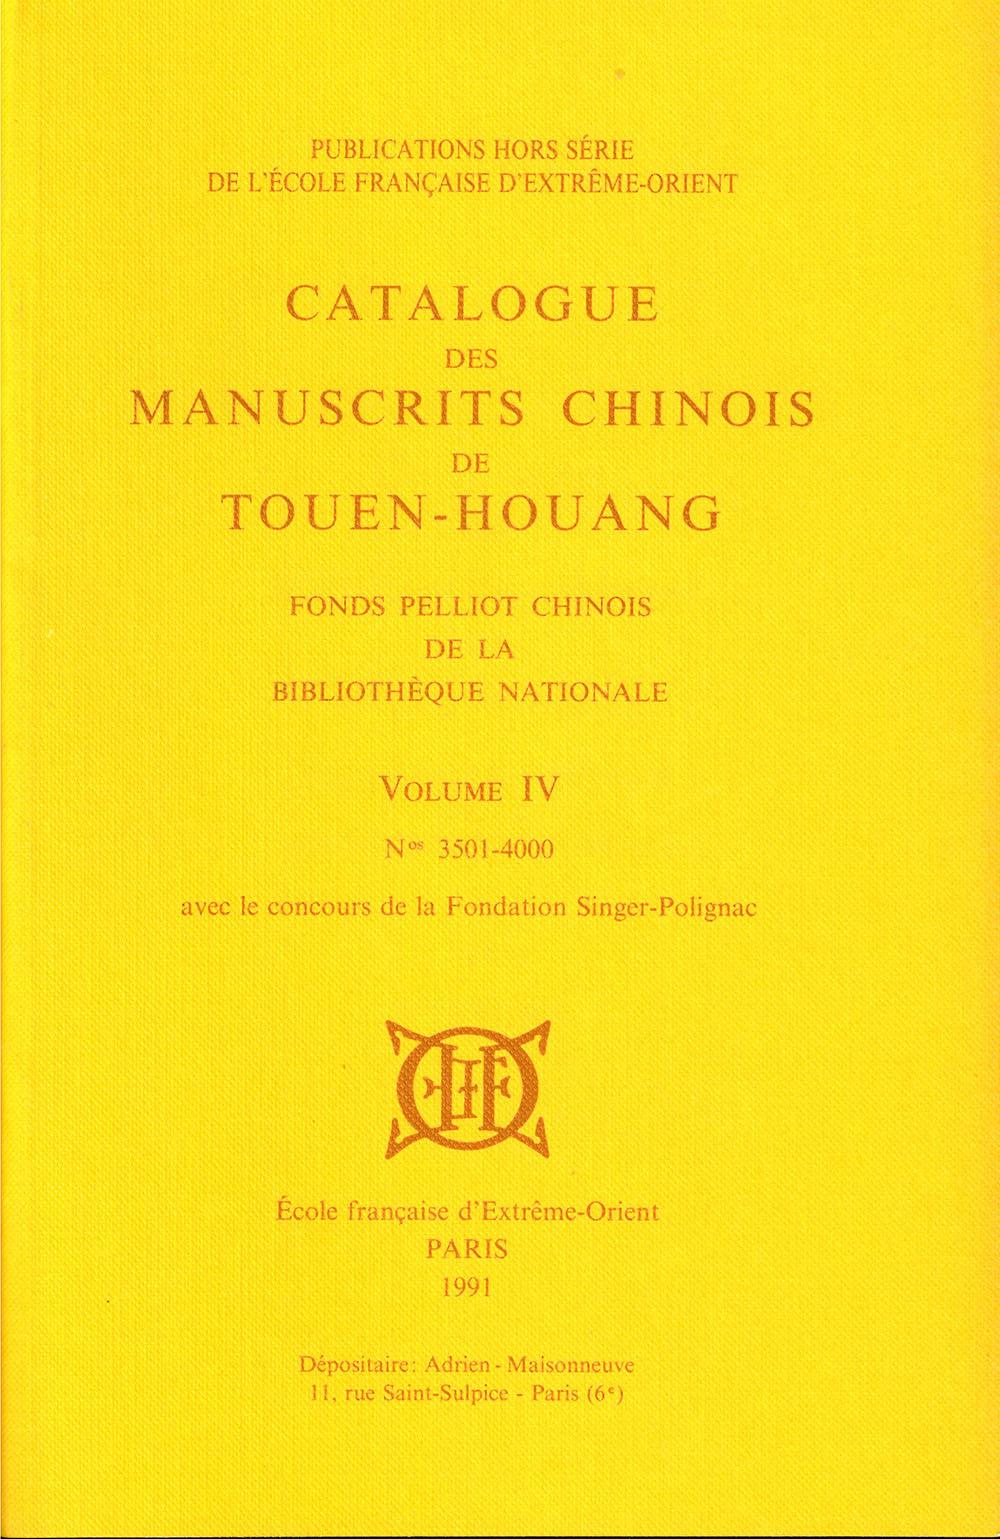 Catalogue des manuscrits chinois de Touen-Houang. Volume IV (n° 3501-4000)